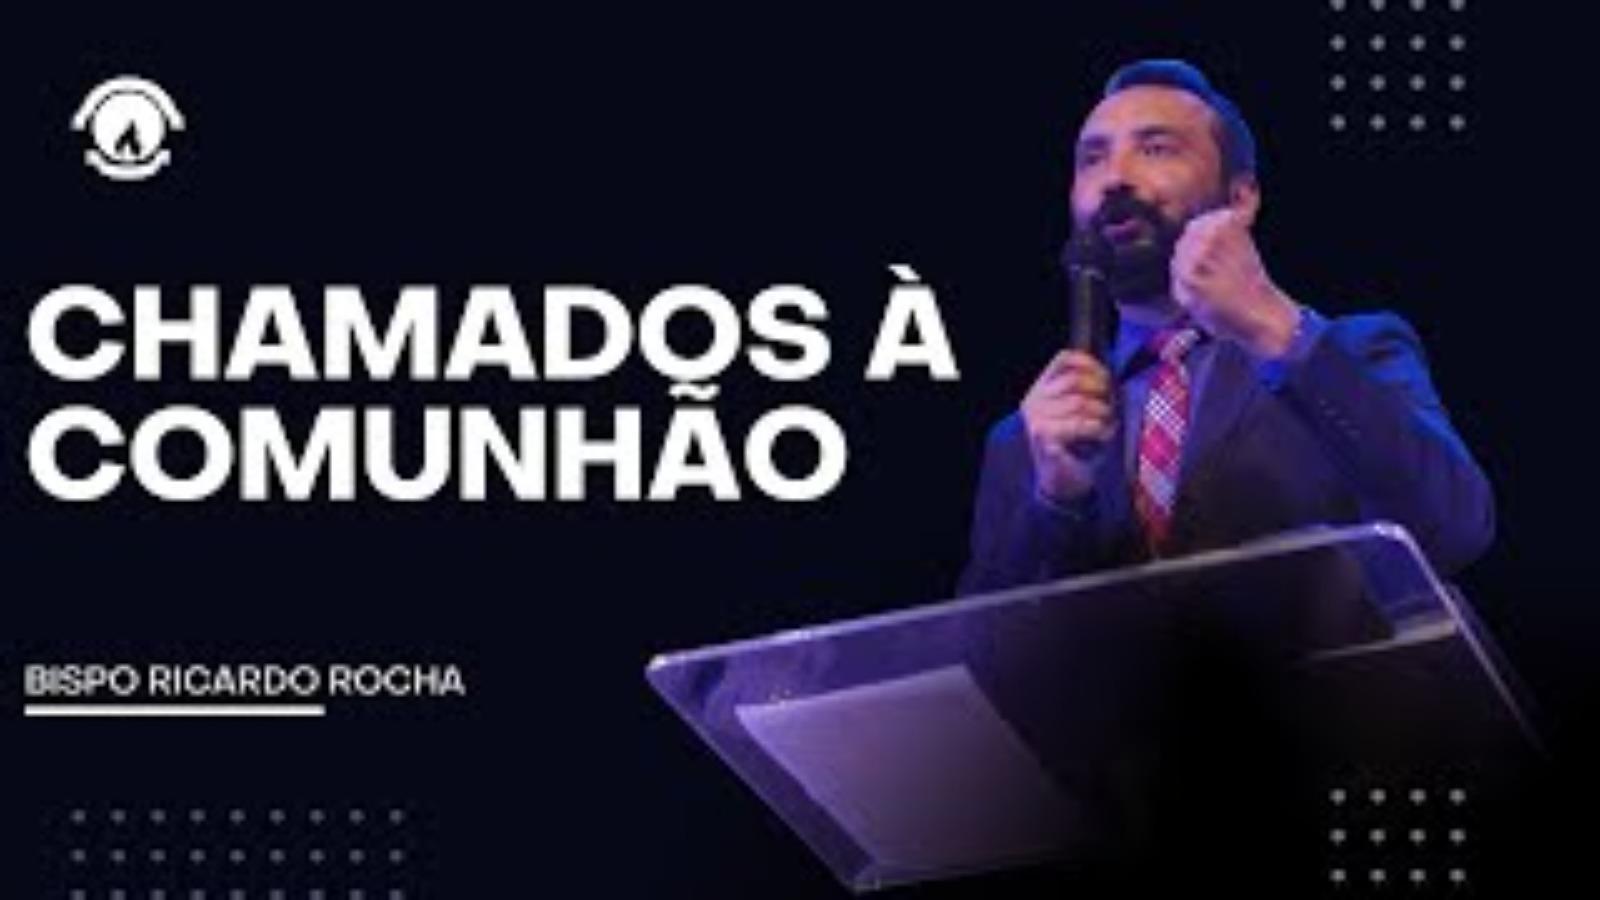 CHAMADOS À COMUNHÃO